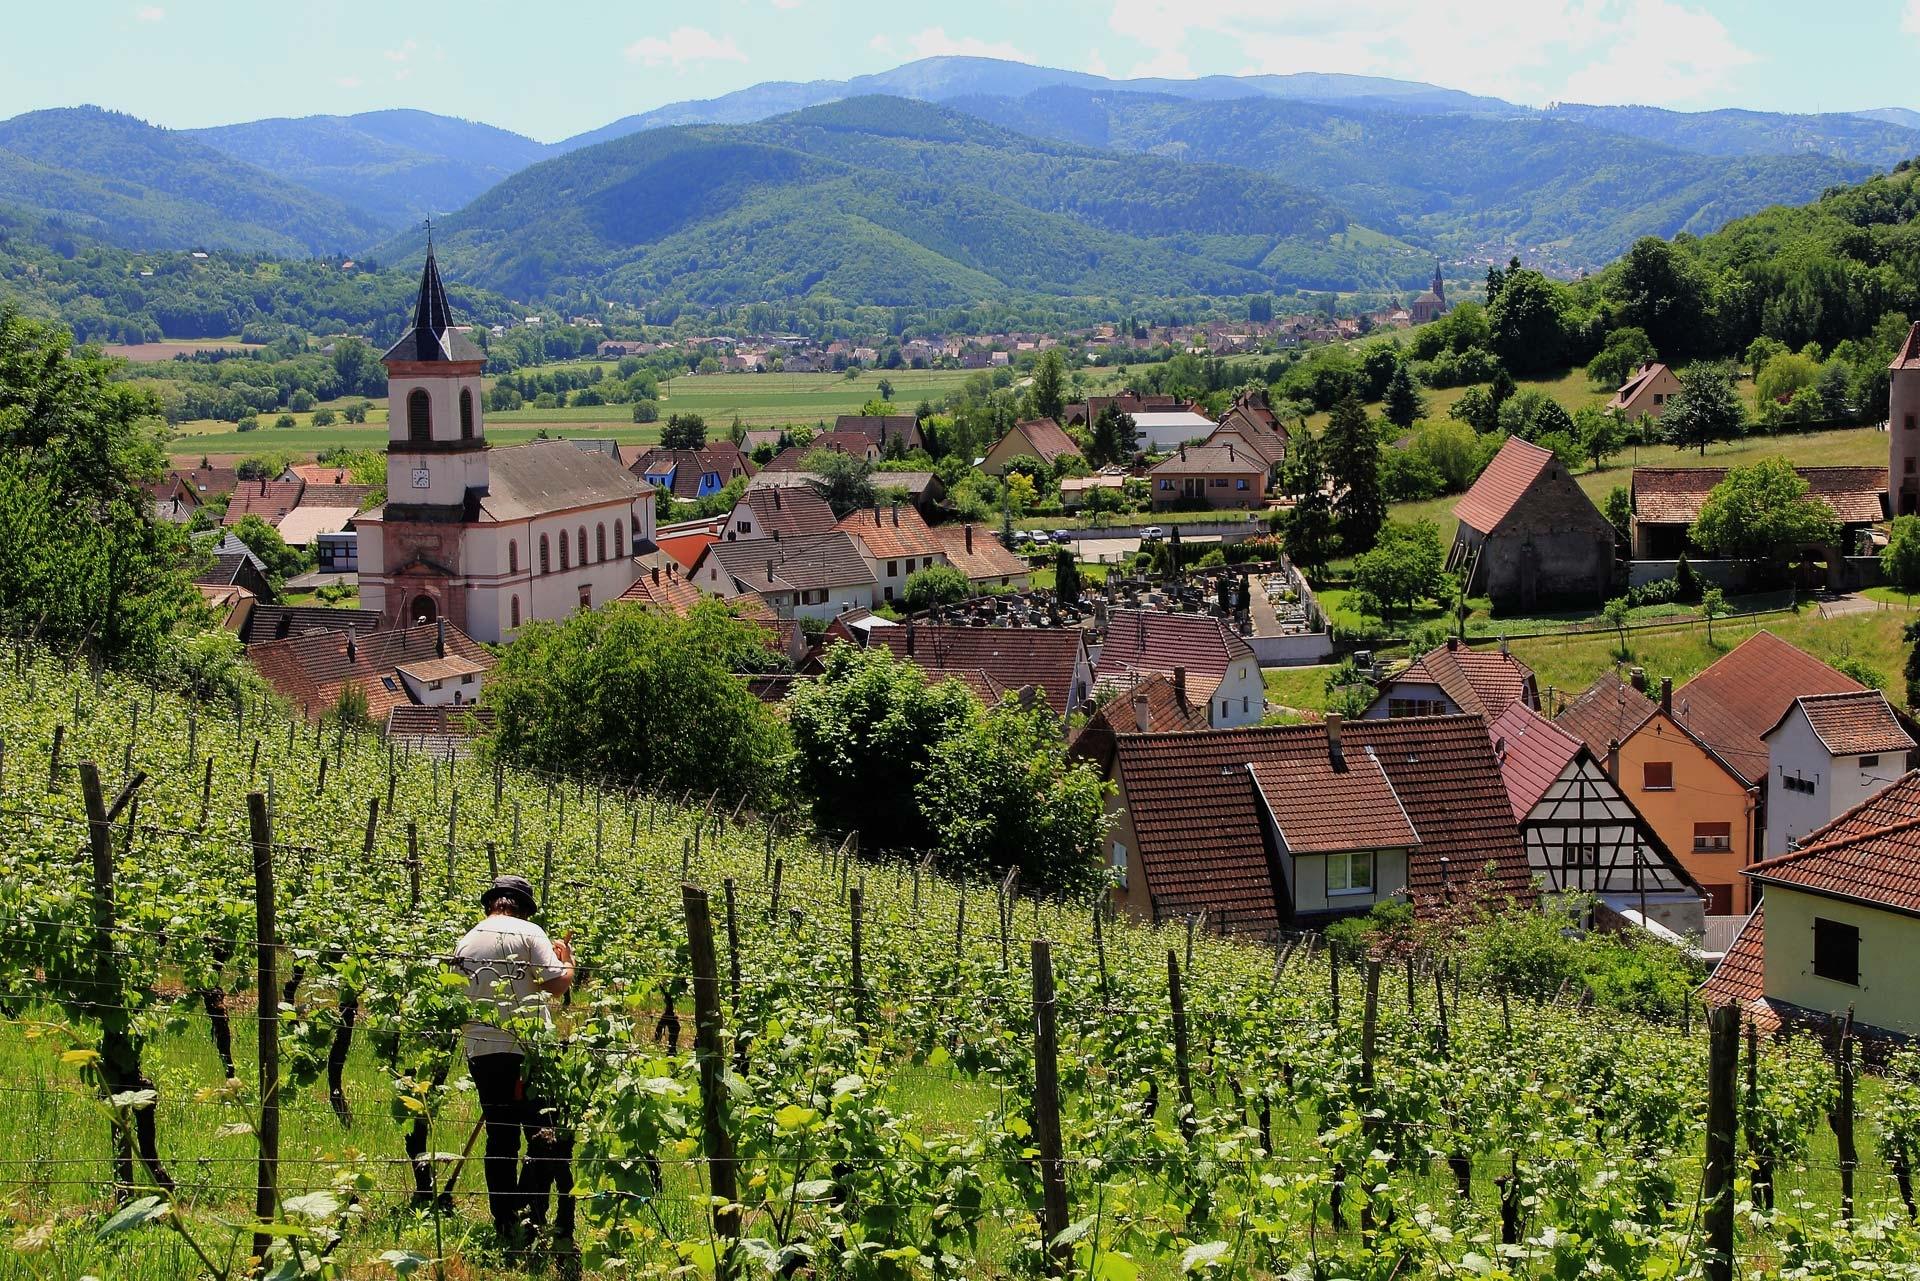 Vente de produits régionaux Alsace, place de marché, artisans et producteurs alsaciens